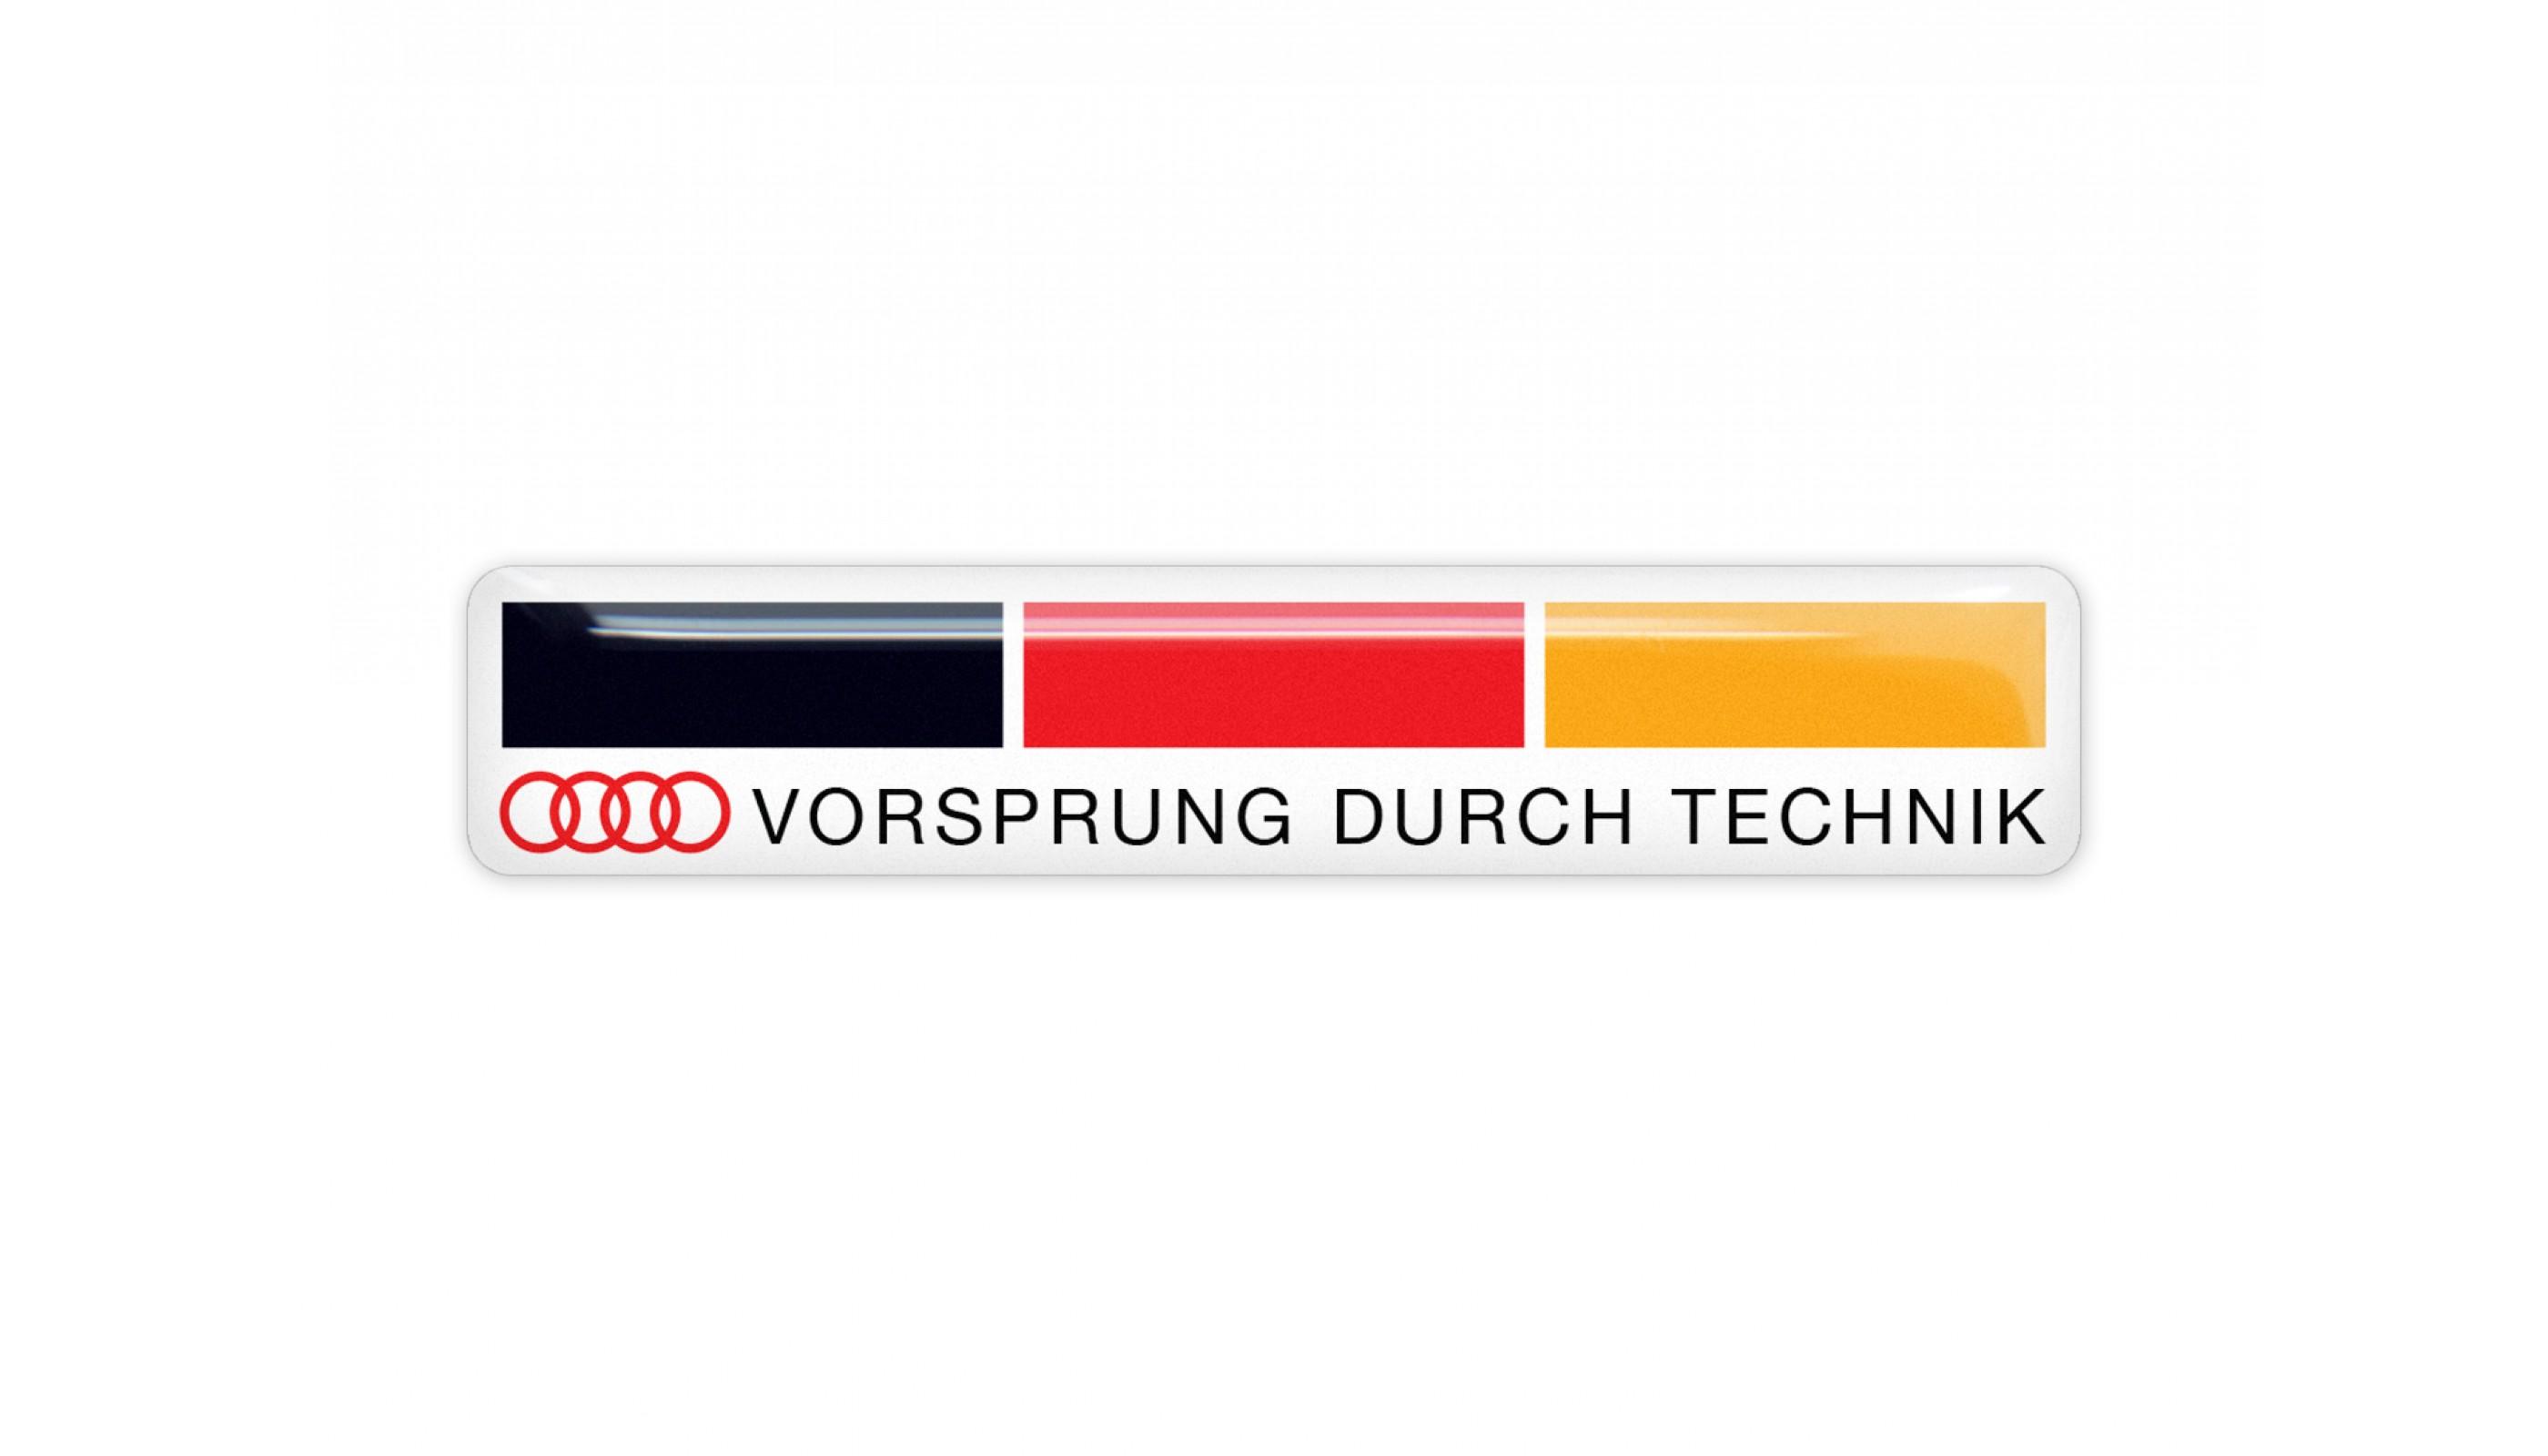 Klebe-Folie Wetterfest Made-IN-Germany kompatibel f/ür:Pontiac-Firebird-Logo AB059 UV/&Waschanlagenfest Auto-Aufkleber Profi-Qualit/ät! Sticker-Designs 8cm